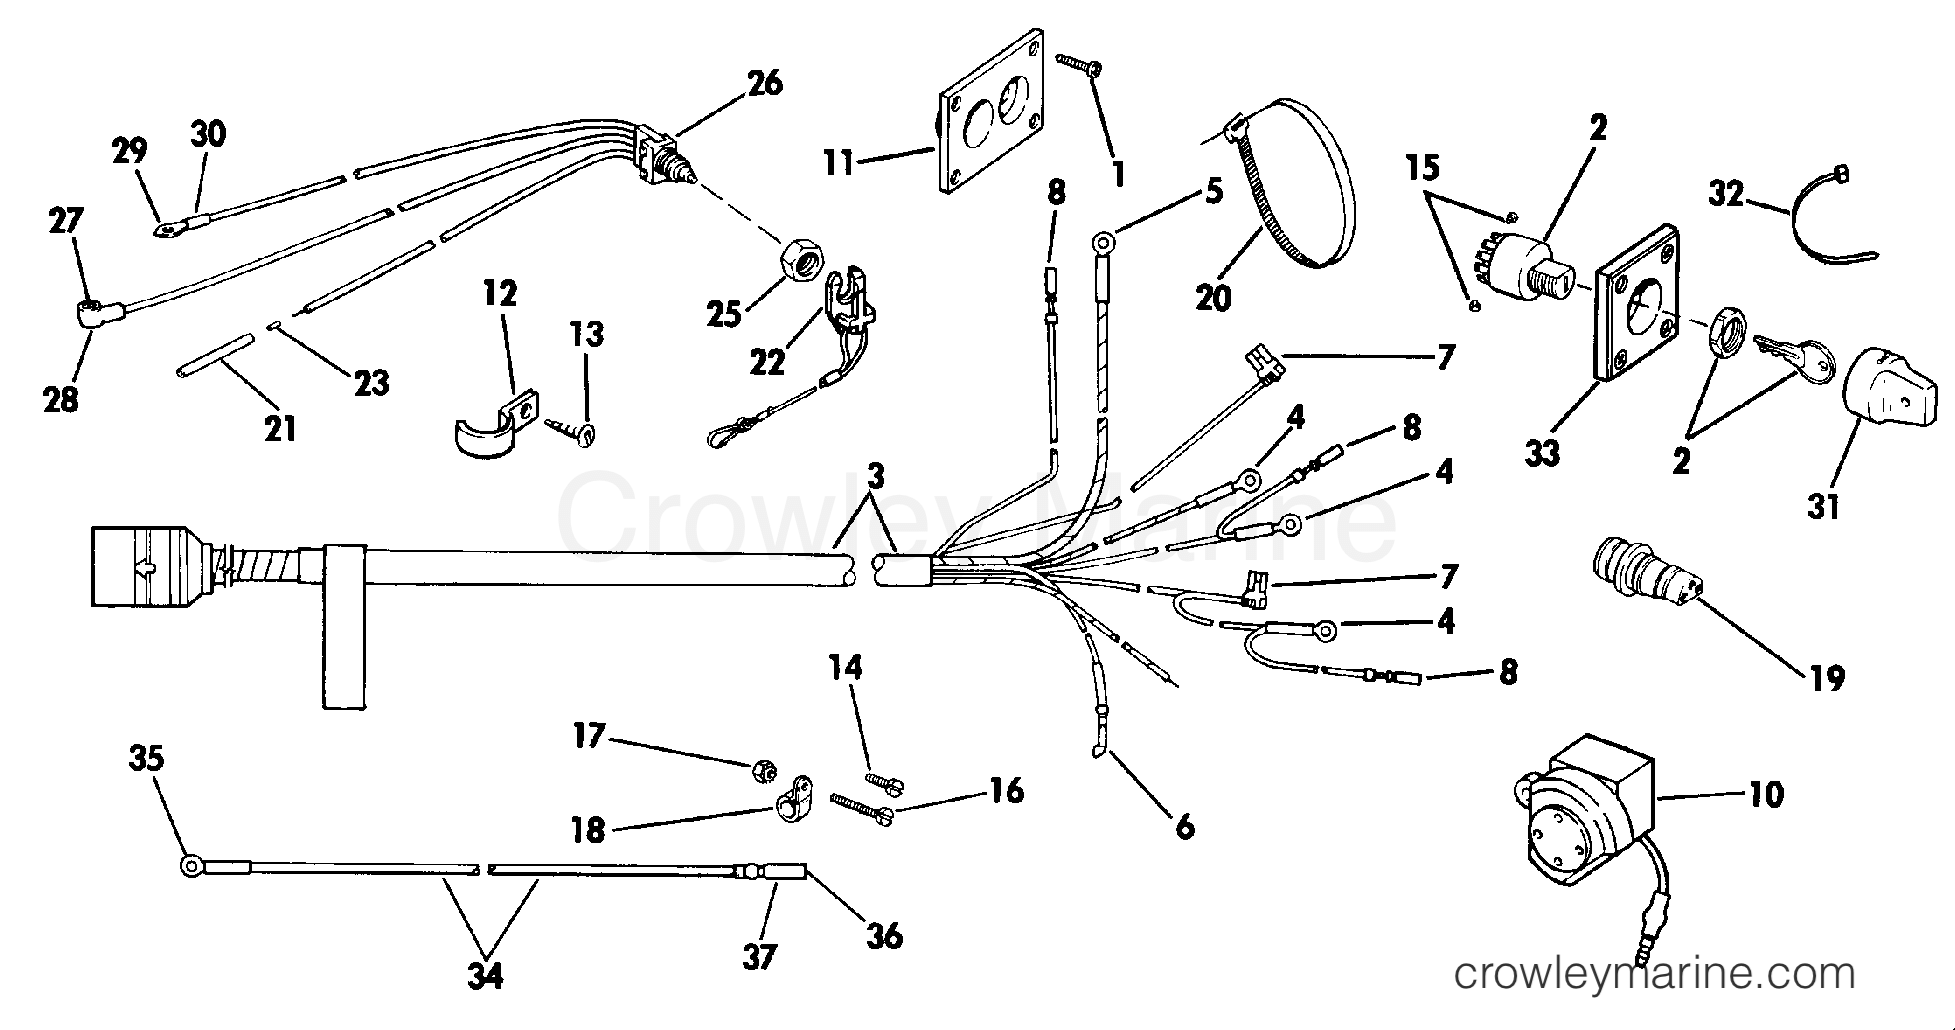 WIRING KIT SINGLE LEVER CNTRL REM. ELEC. 20-V8 EXCEPT 40